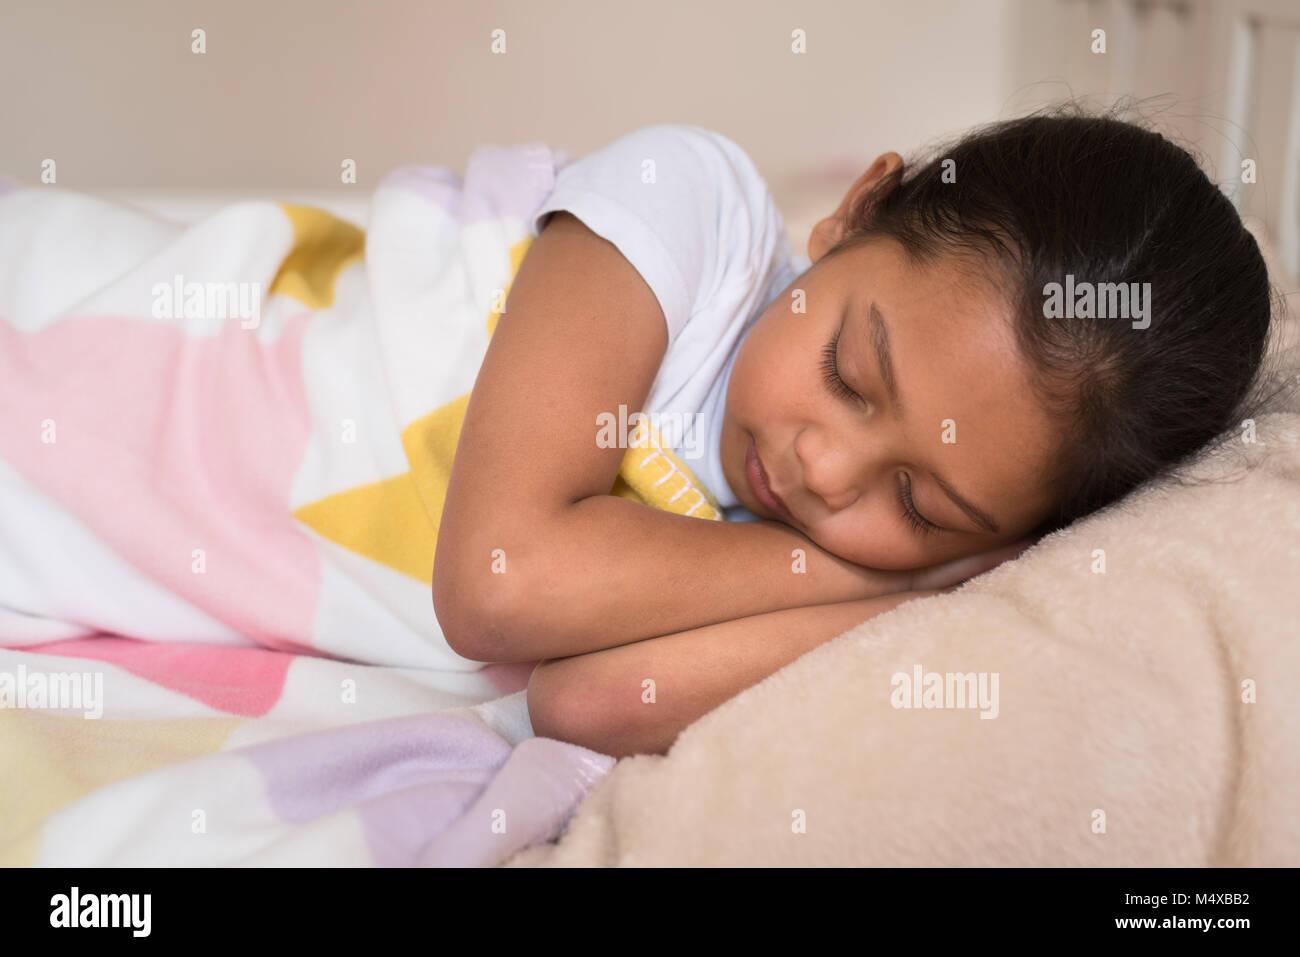 Los jóvenes poco de Asia chica dormir acostada en la cama en su dormitorio concepto del sueño. Imagen De Stock